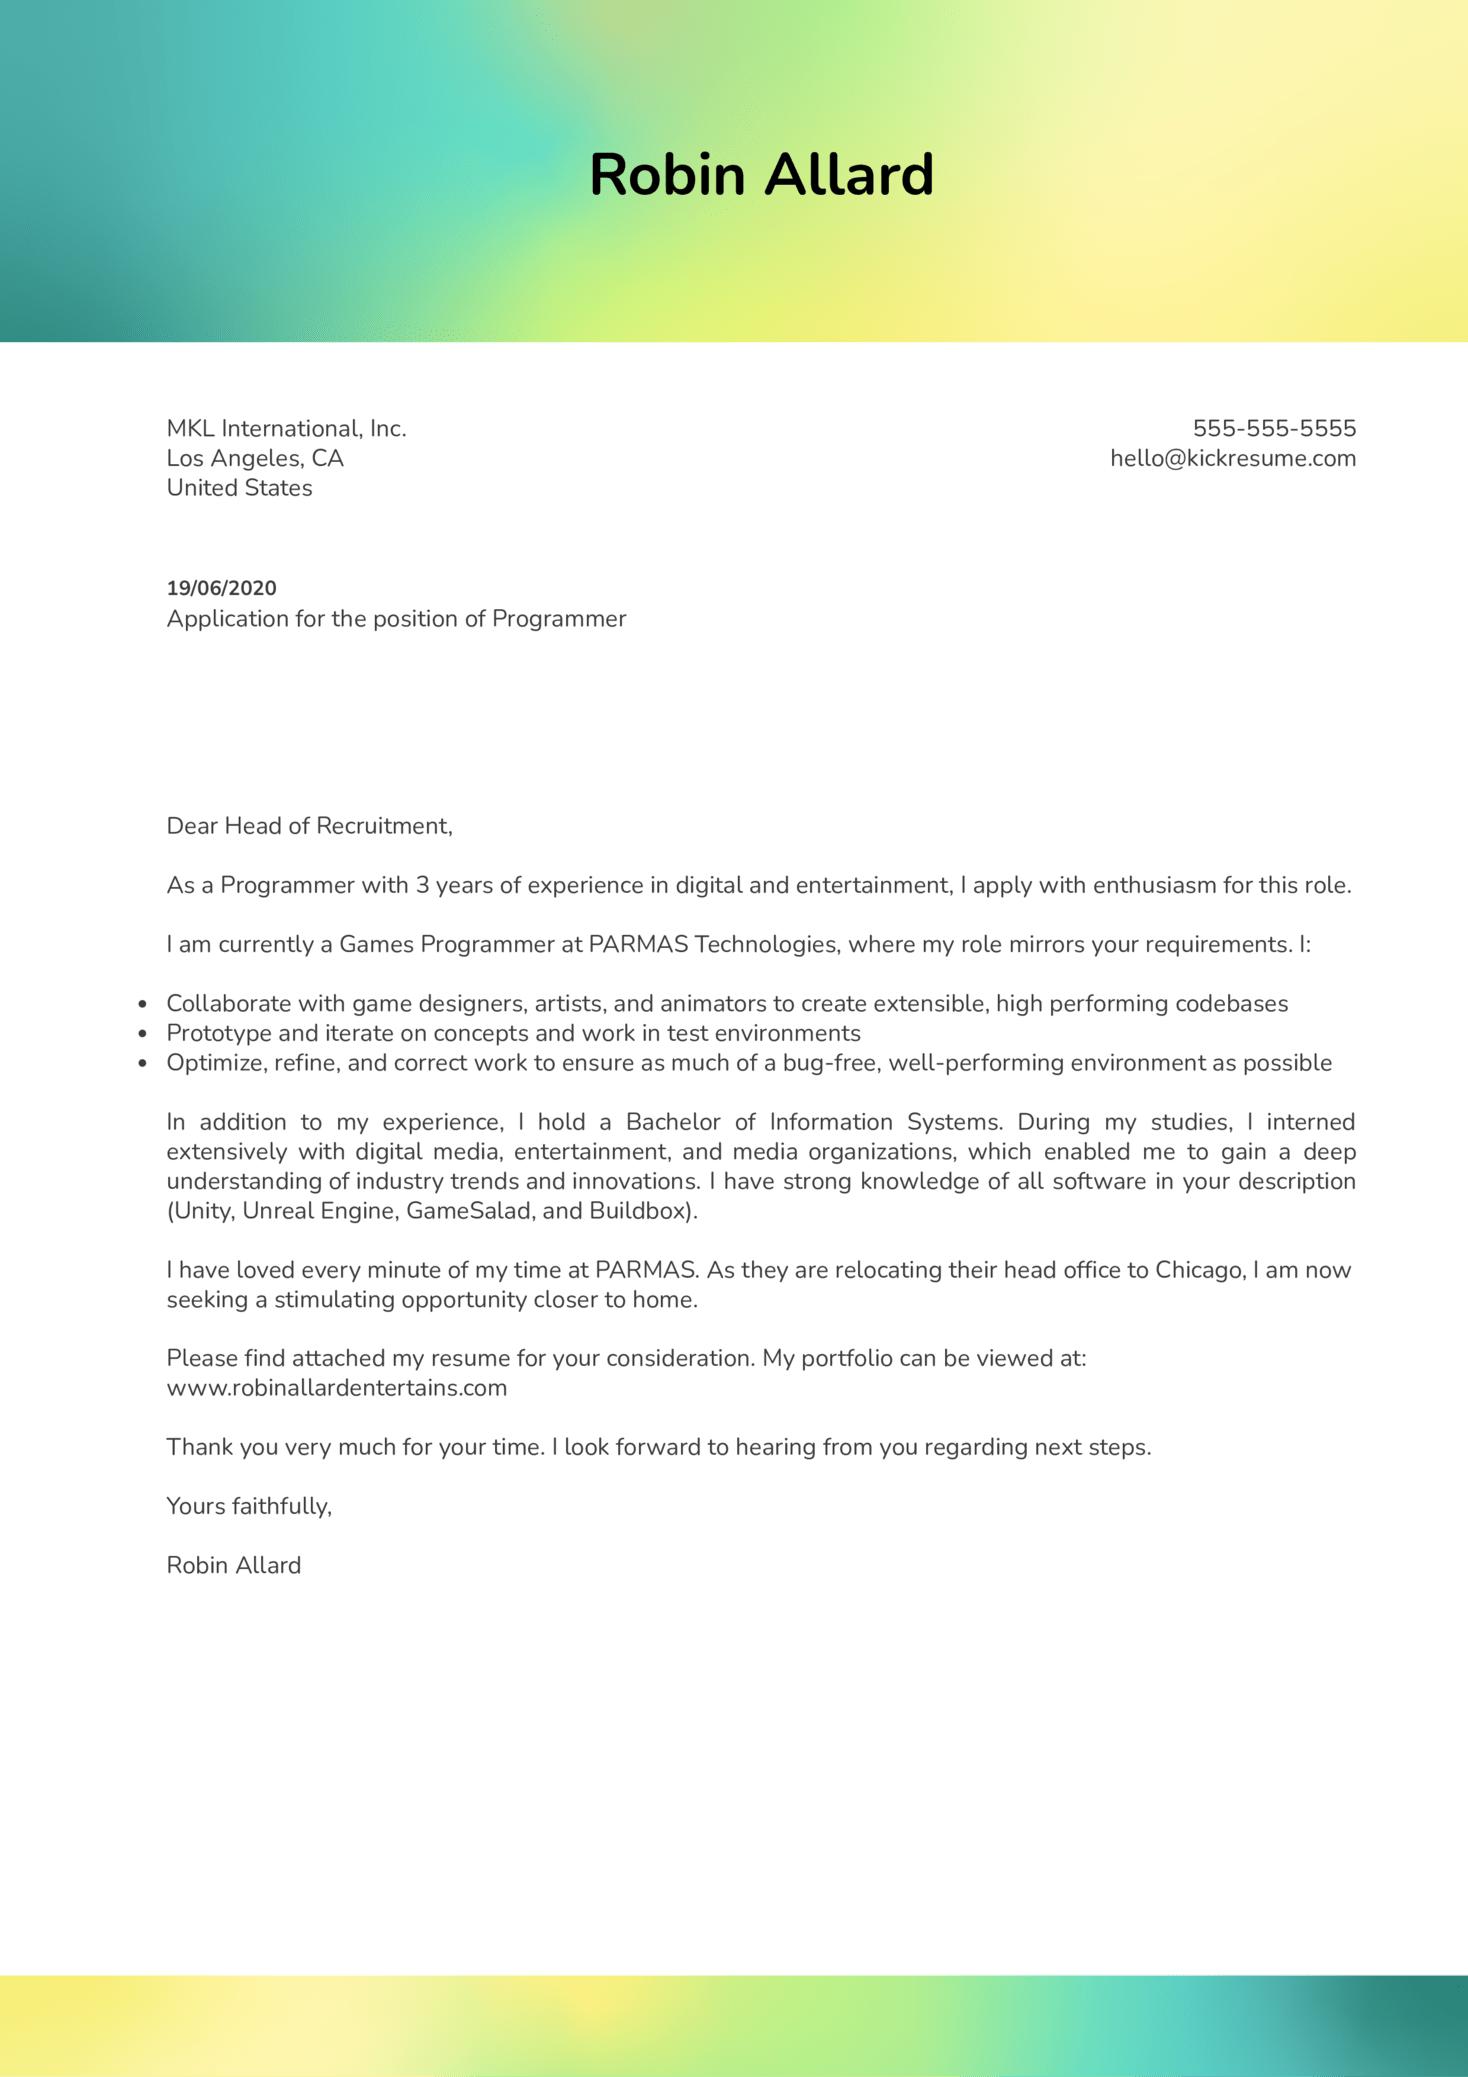 Programmer Cover Letter Sample